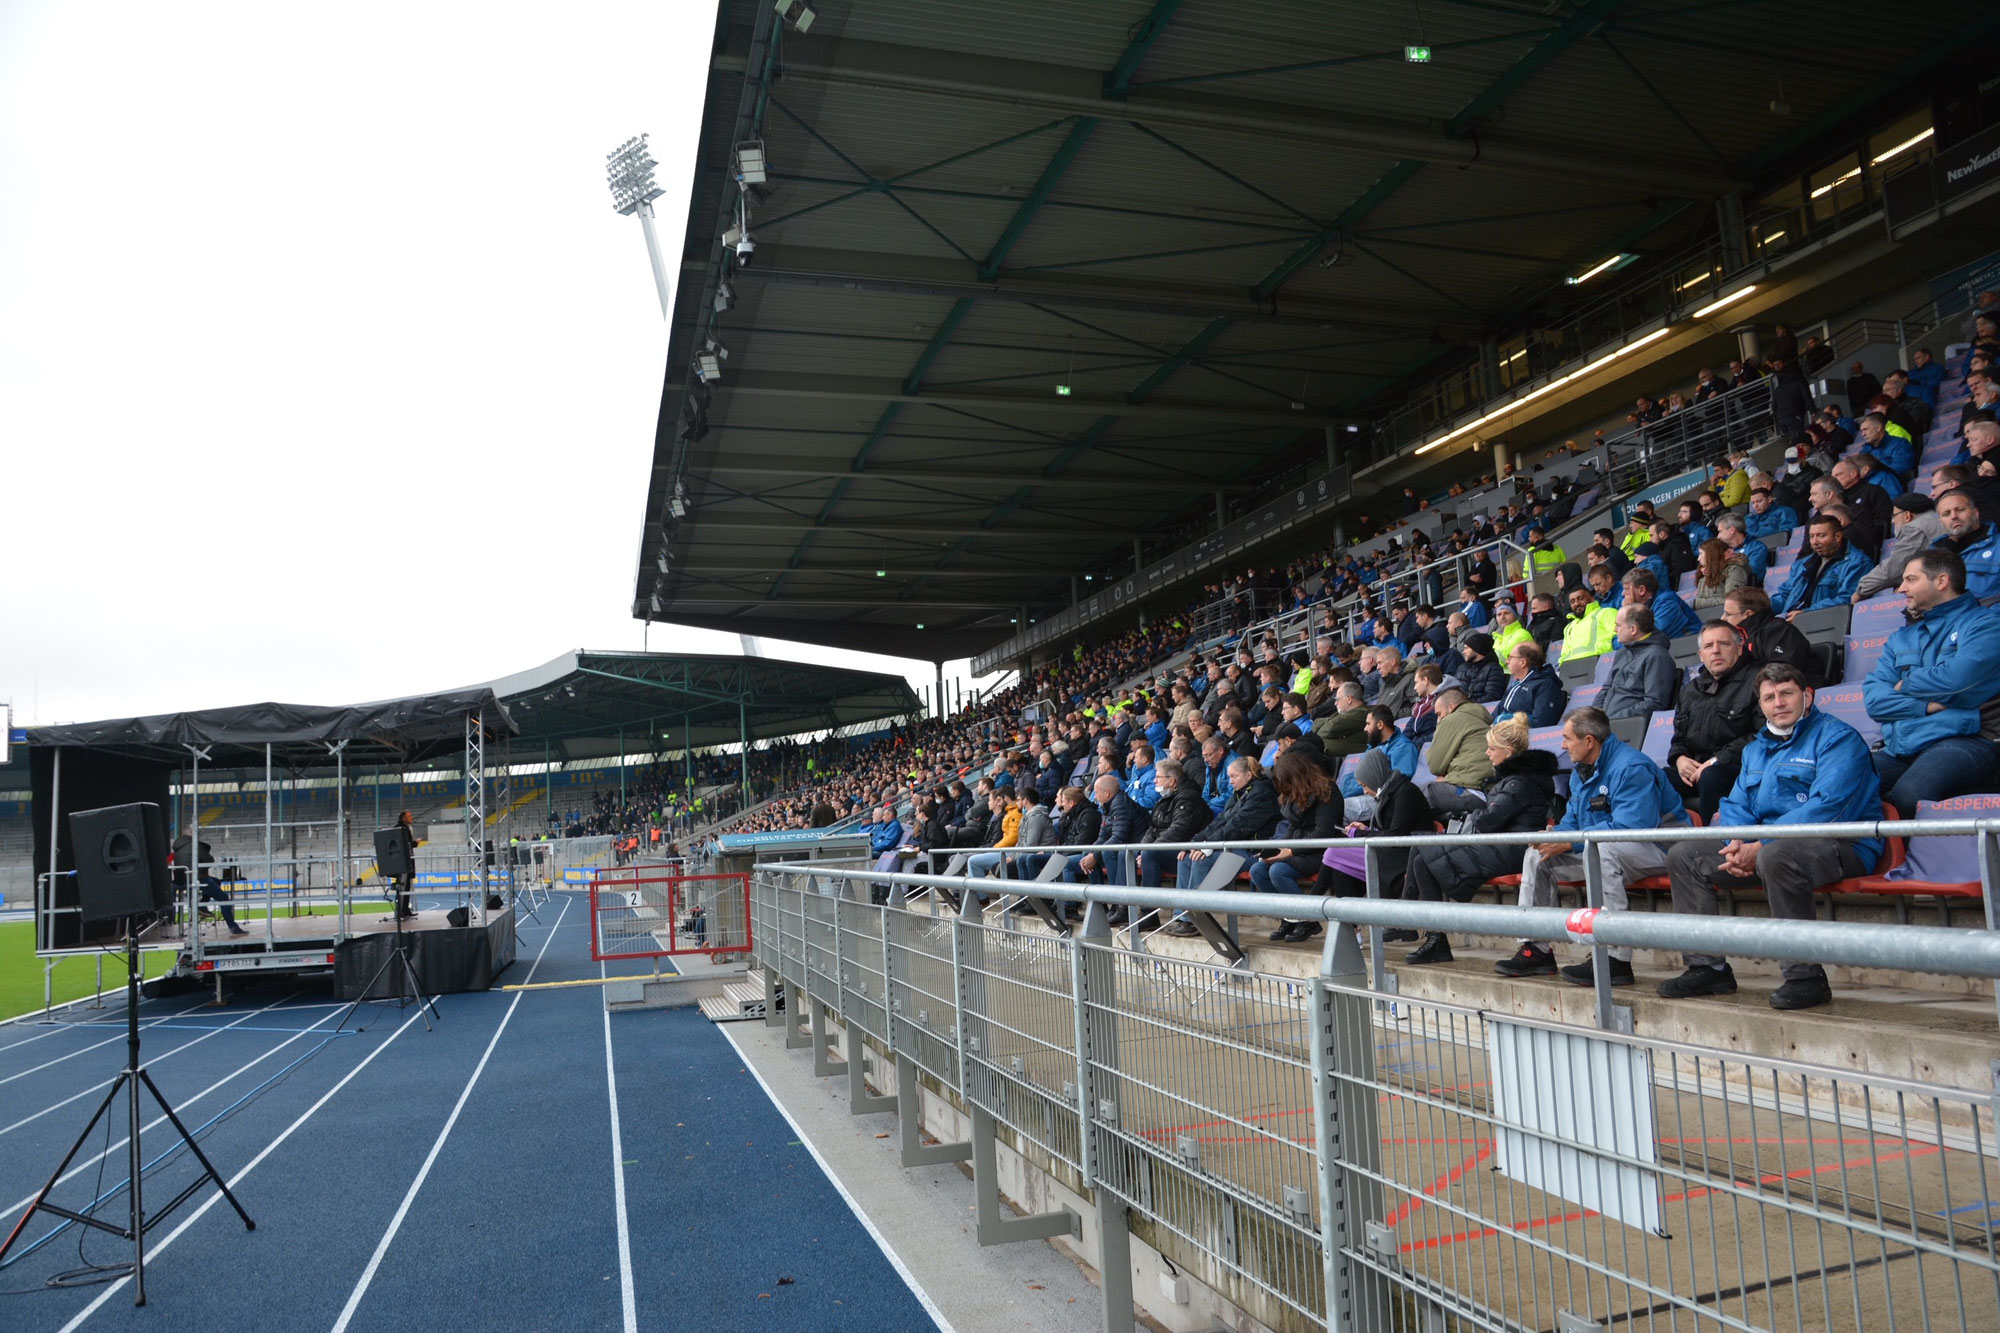 Betriebsversammlung im Eintracht Stadion - 14.10.2021